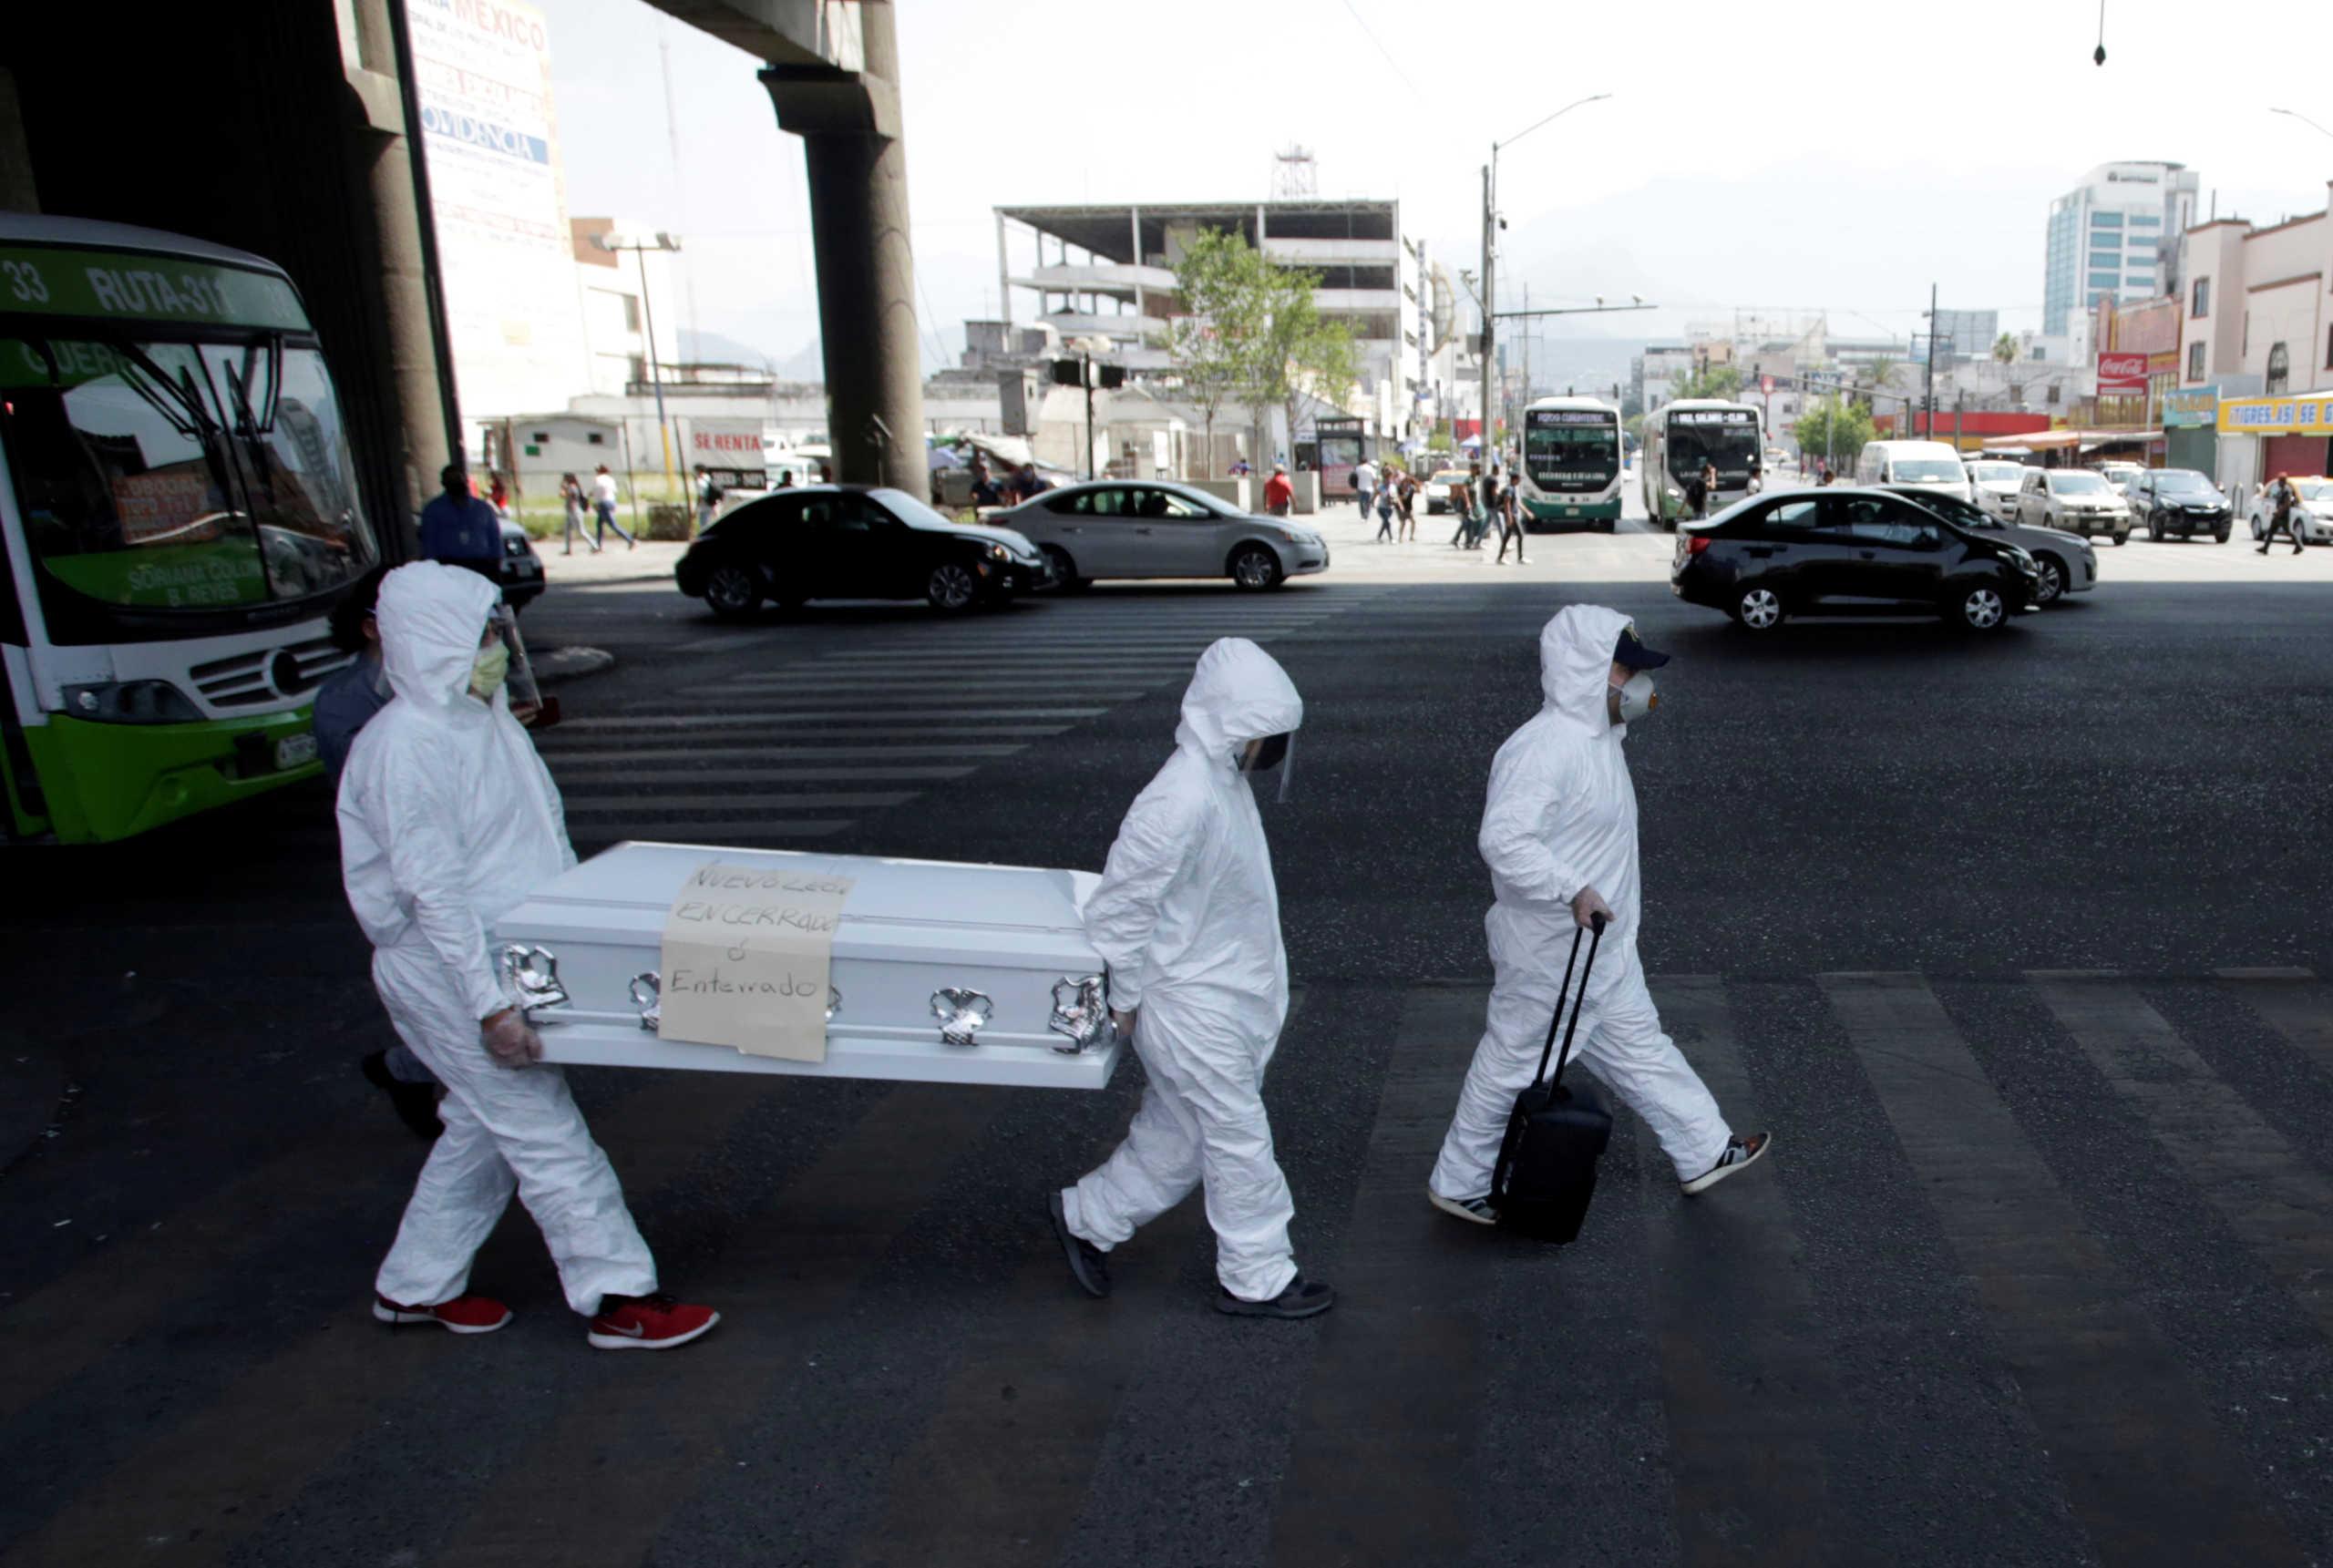 Μεξικό: Ρεκόρ δολοφονιών εν μέσω κορονοϊού